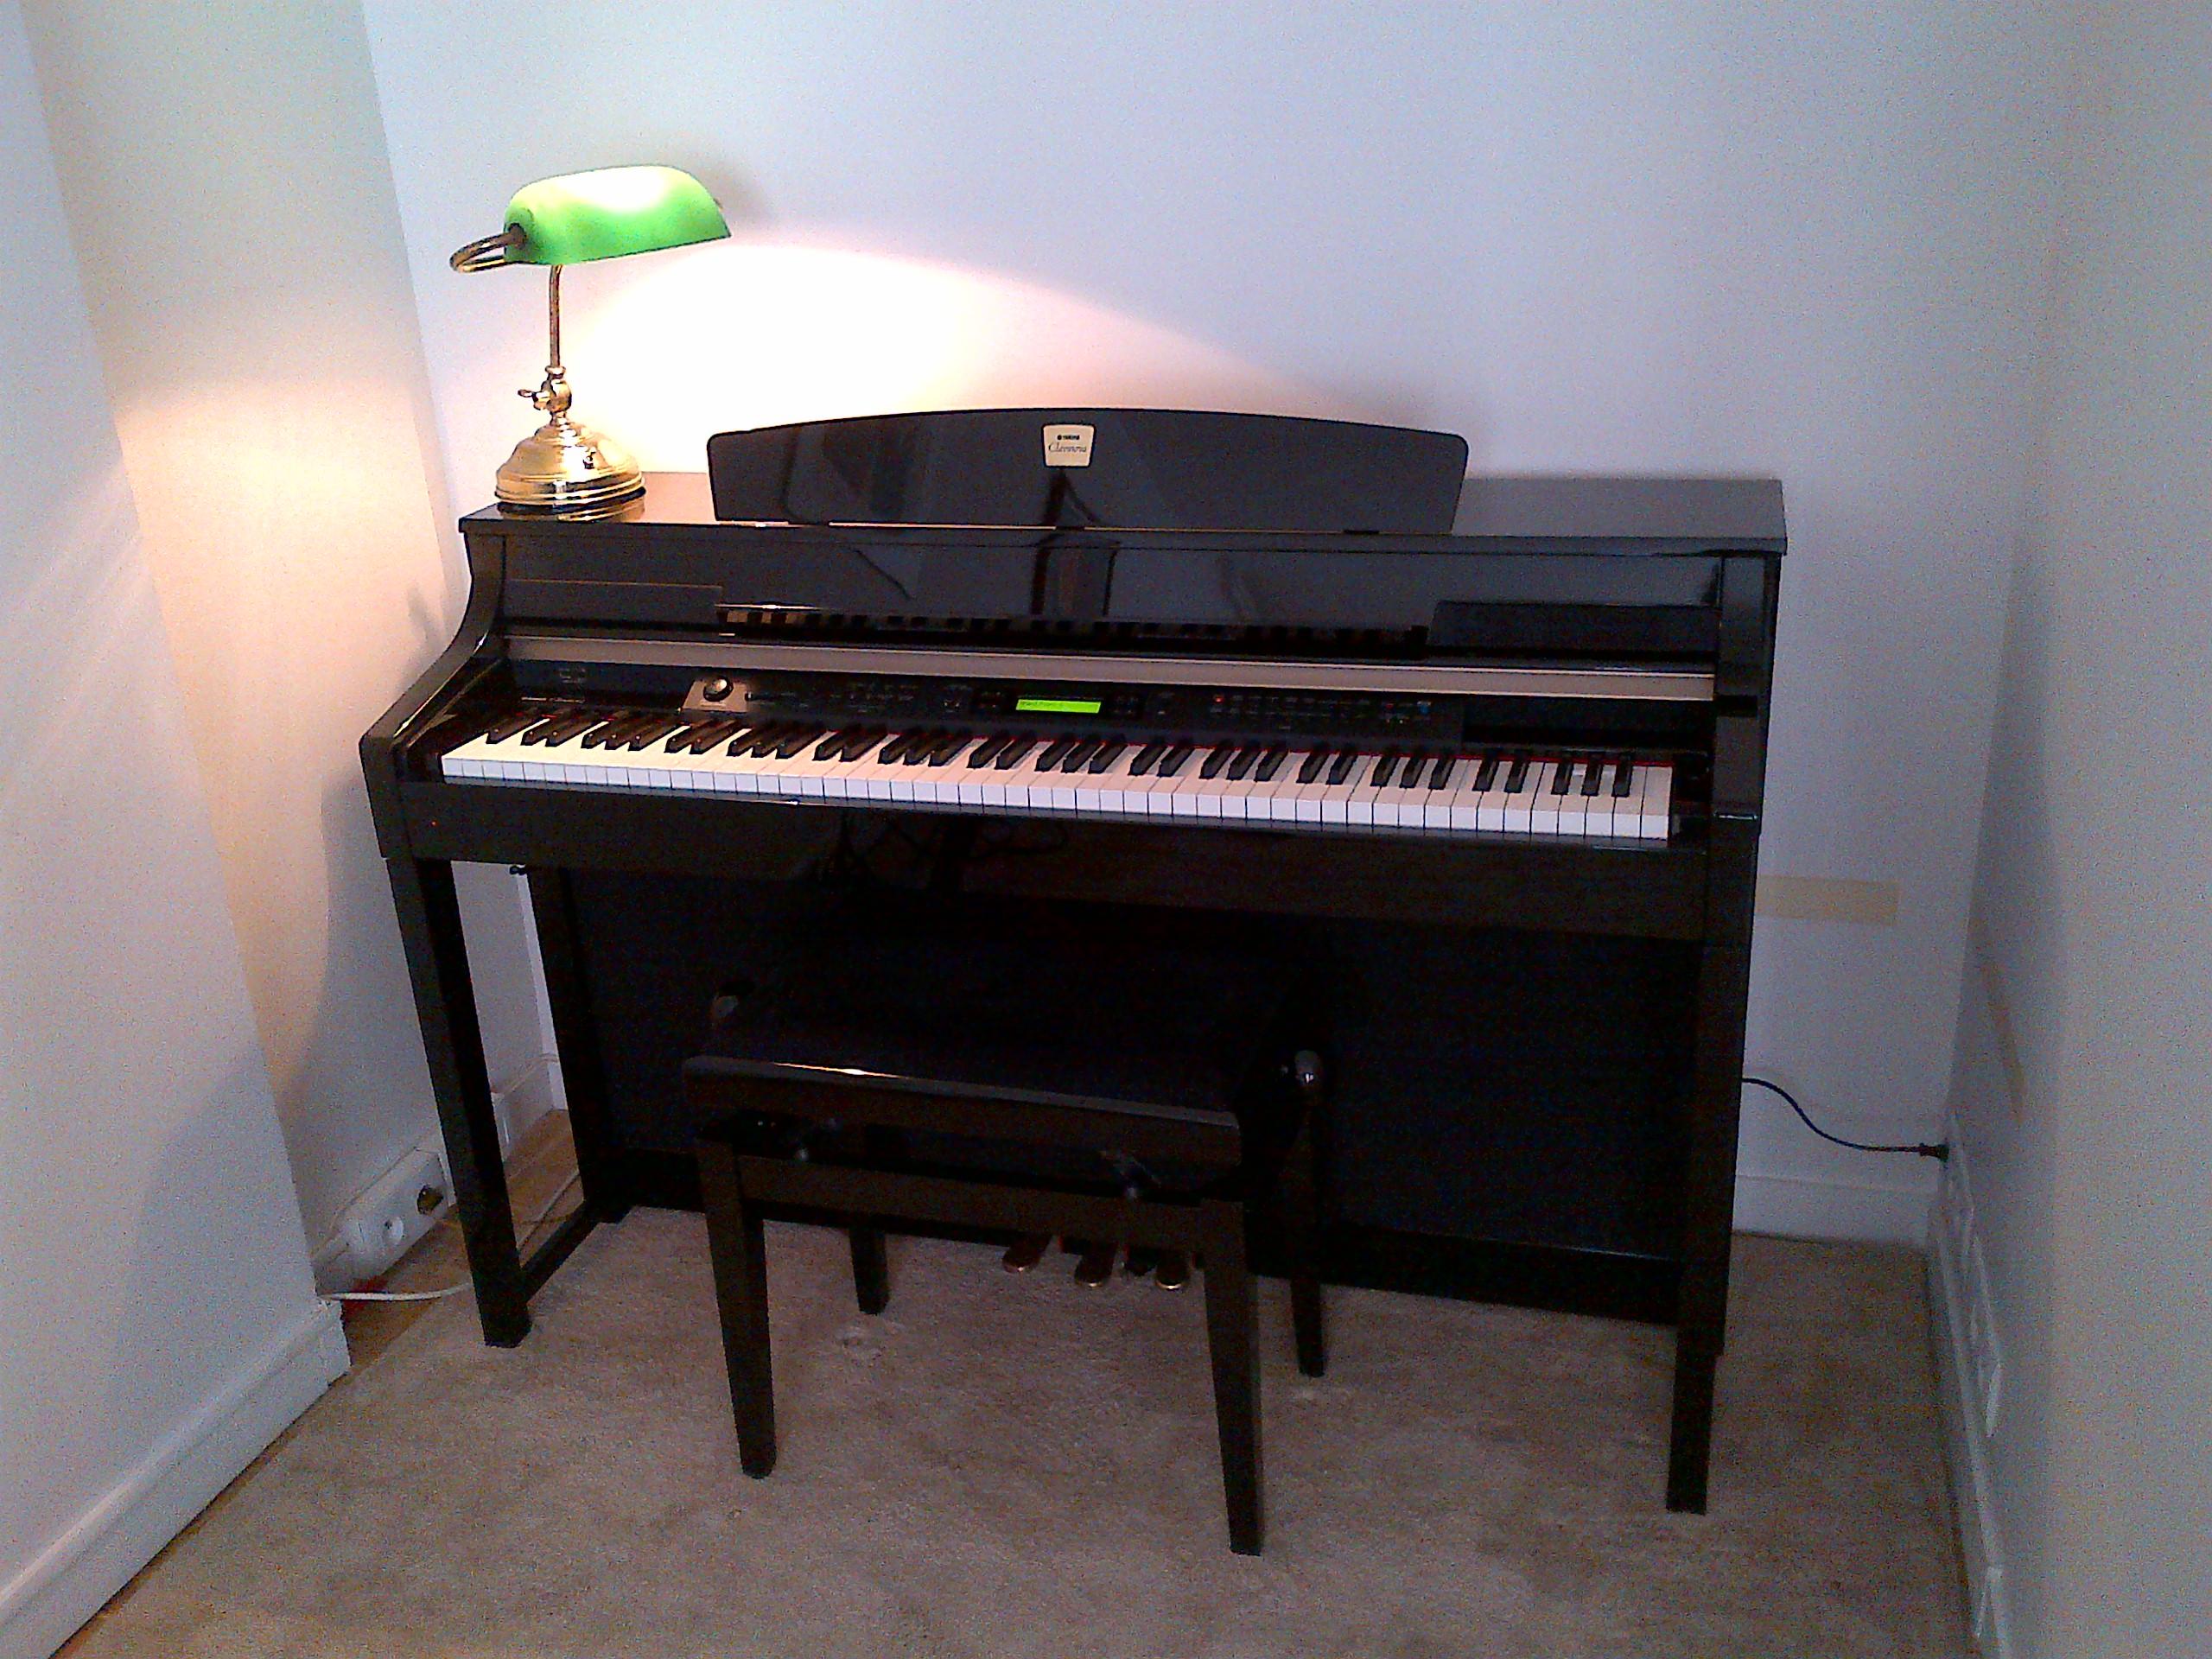 Piano numerique yamaha clavinova touche piano d'occasion Saint-Sauveur (05)